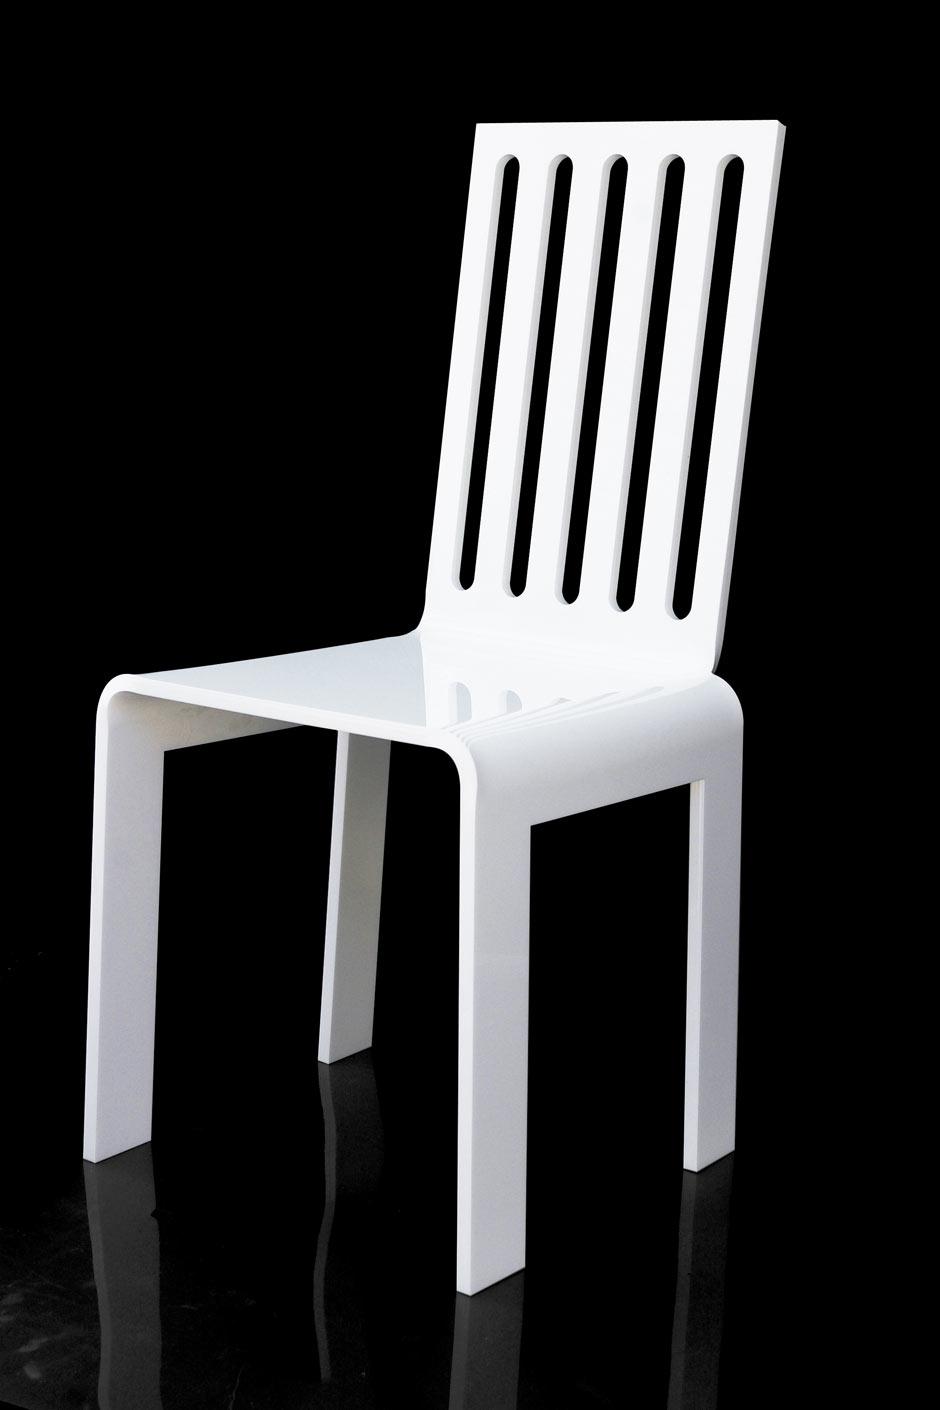 Chaise de jardin blanche plexiglas barreaux acrila for Barreaux de chaise